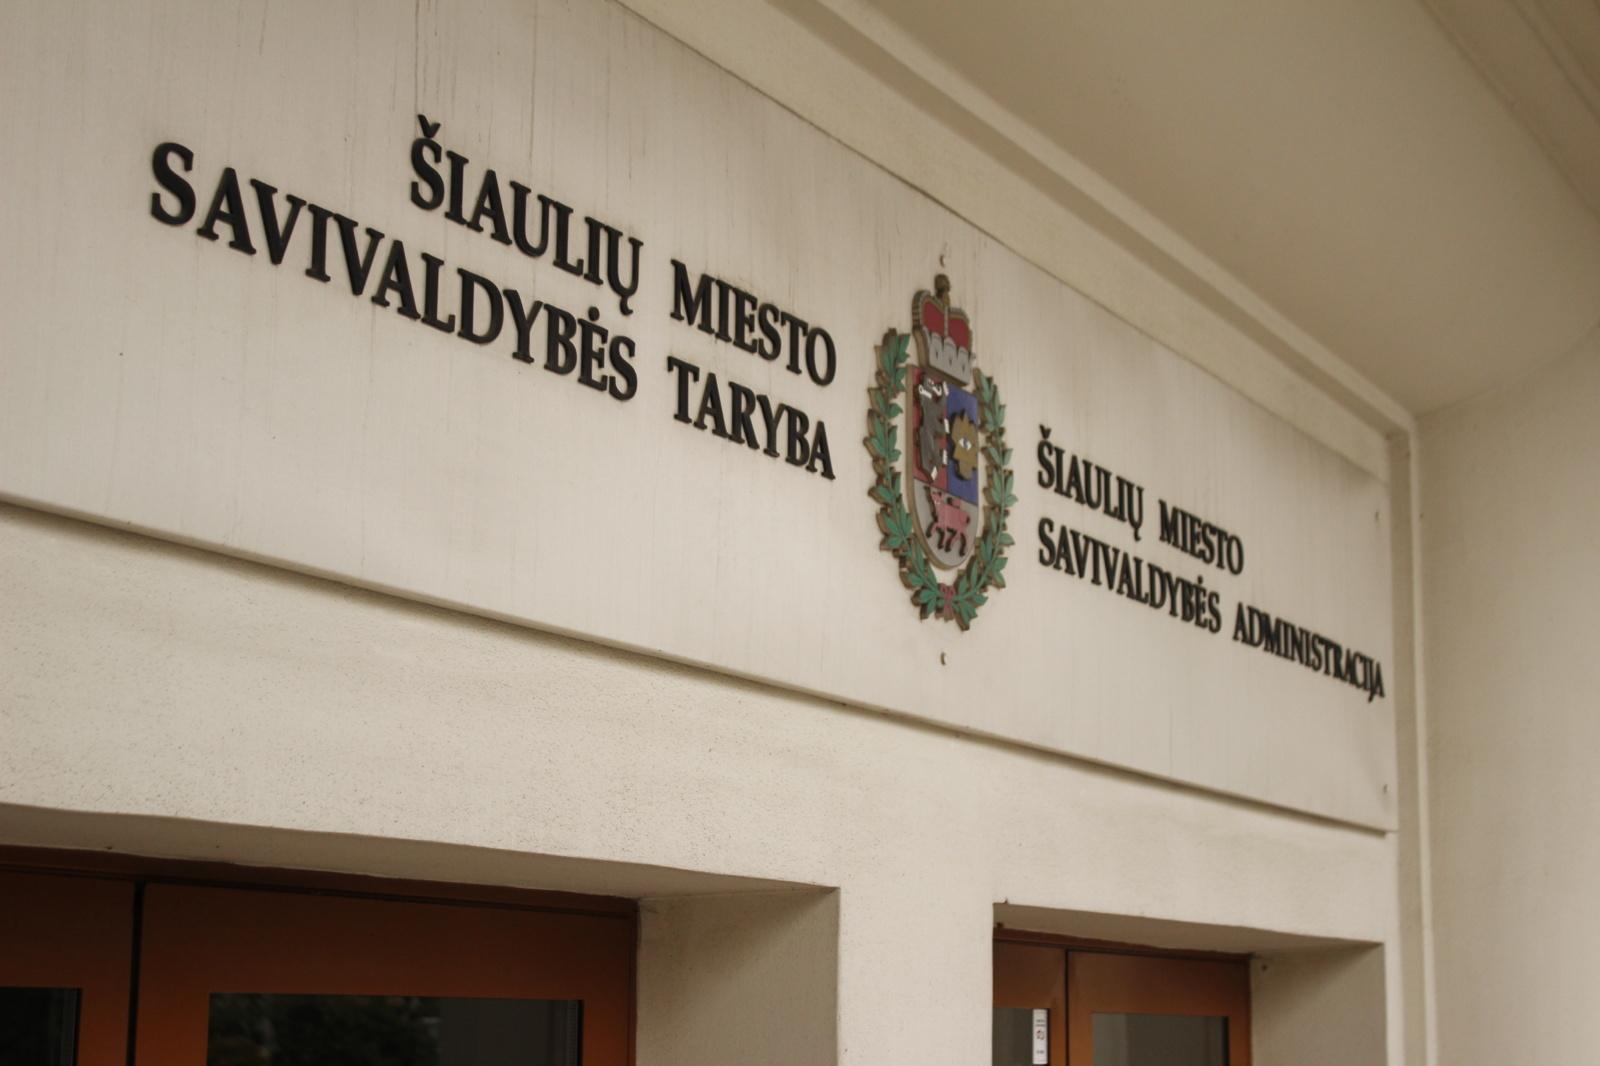 Naujoji Taryba: laukia kelios rokiruotės dėl postų